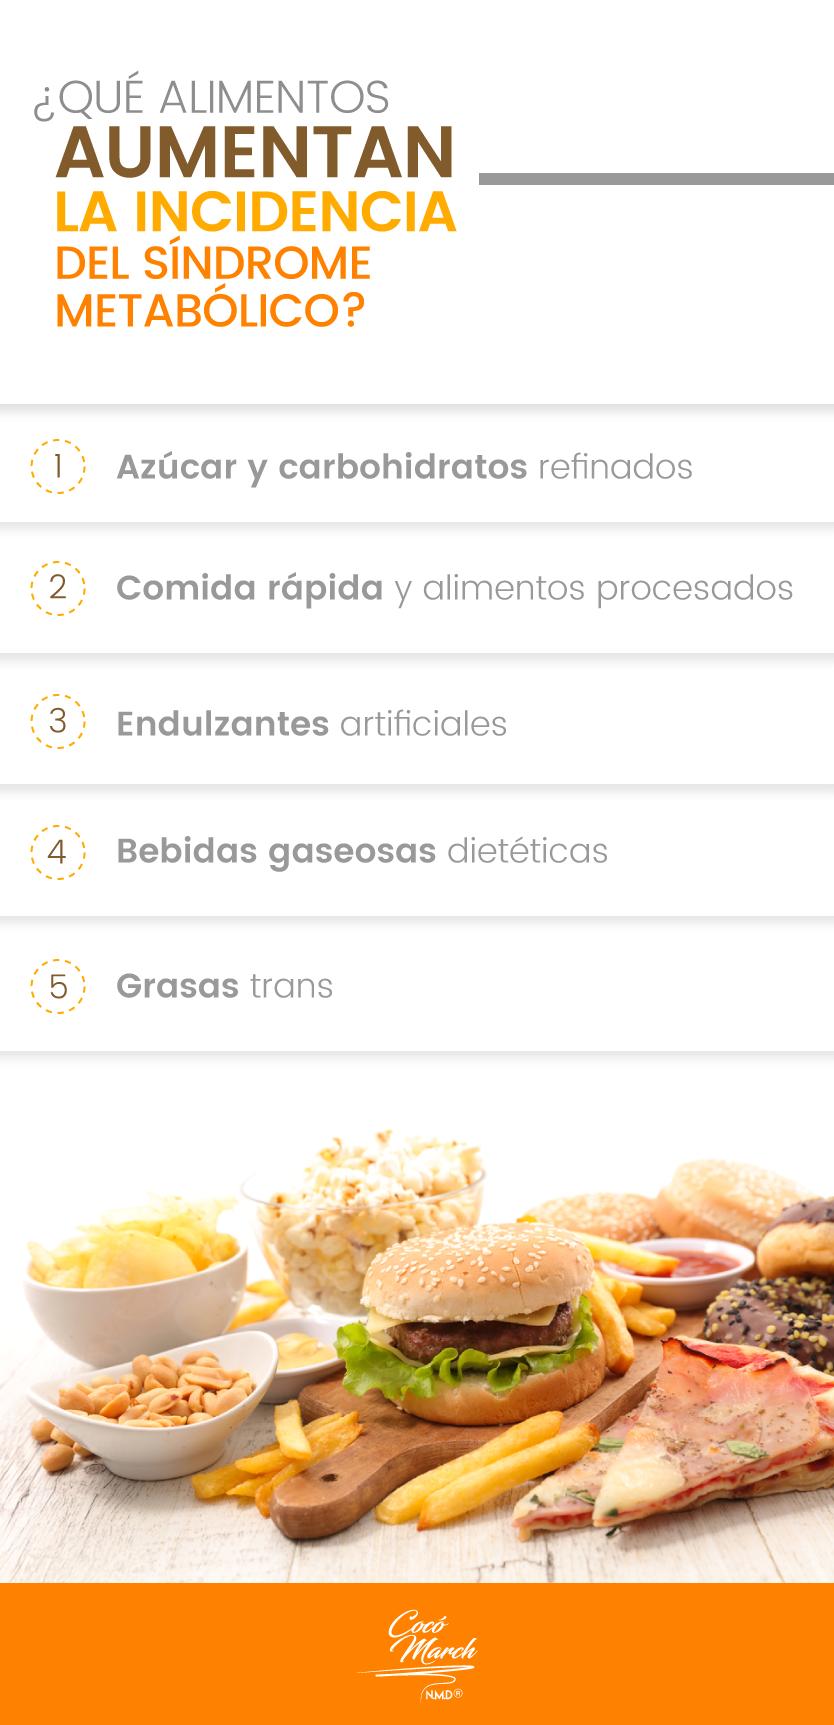 alimentos-que-aumentan-el-sindrome-metabolico